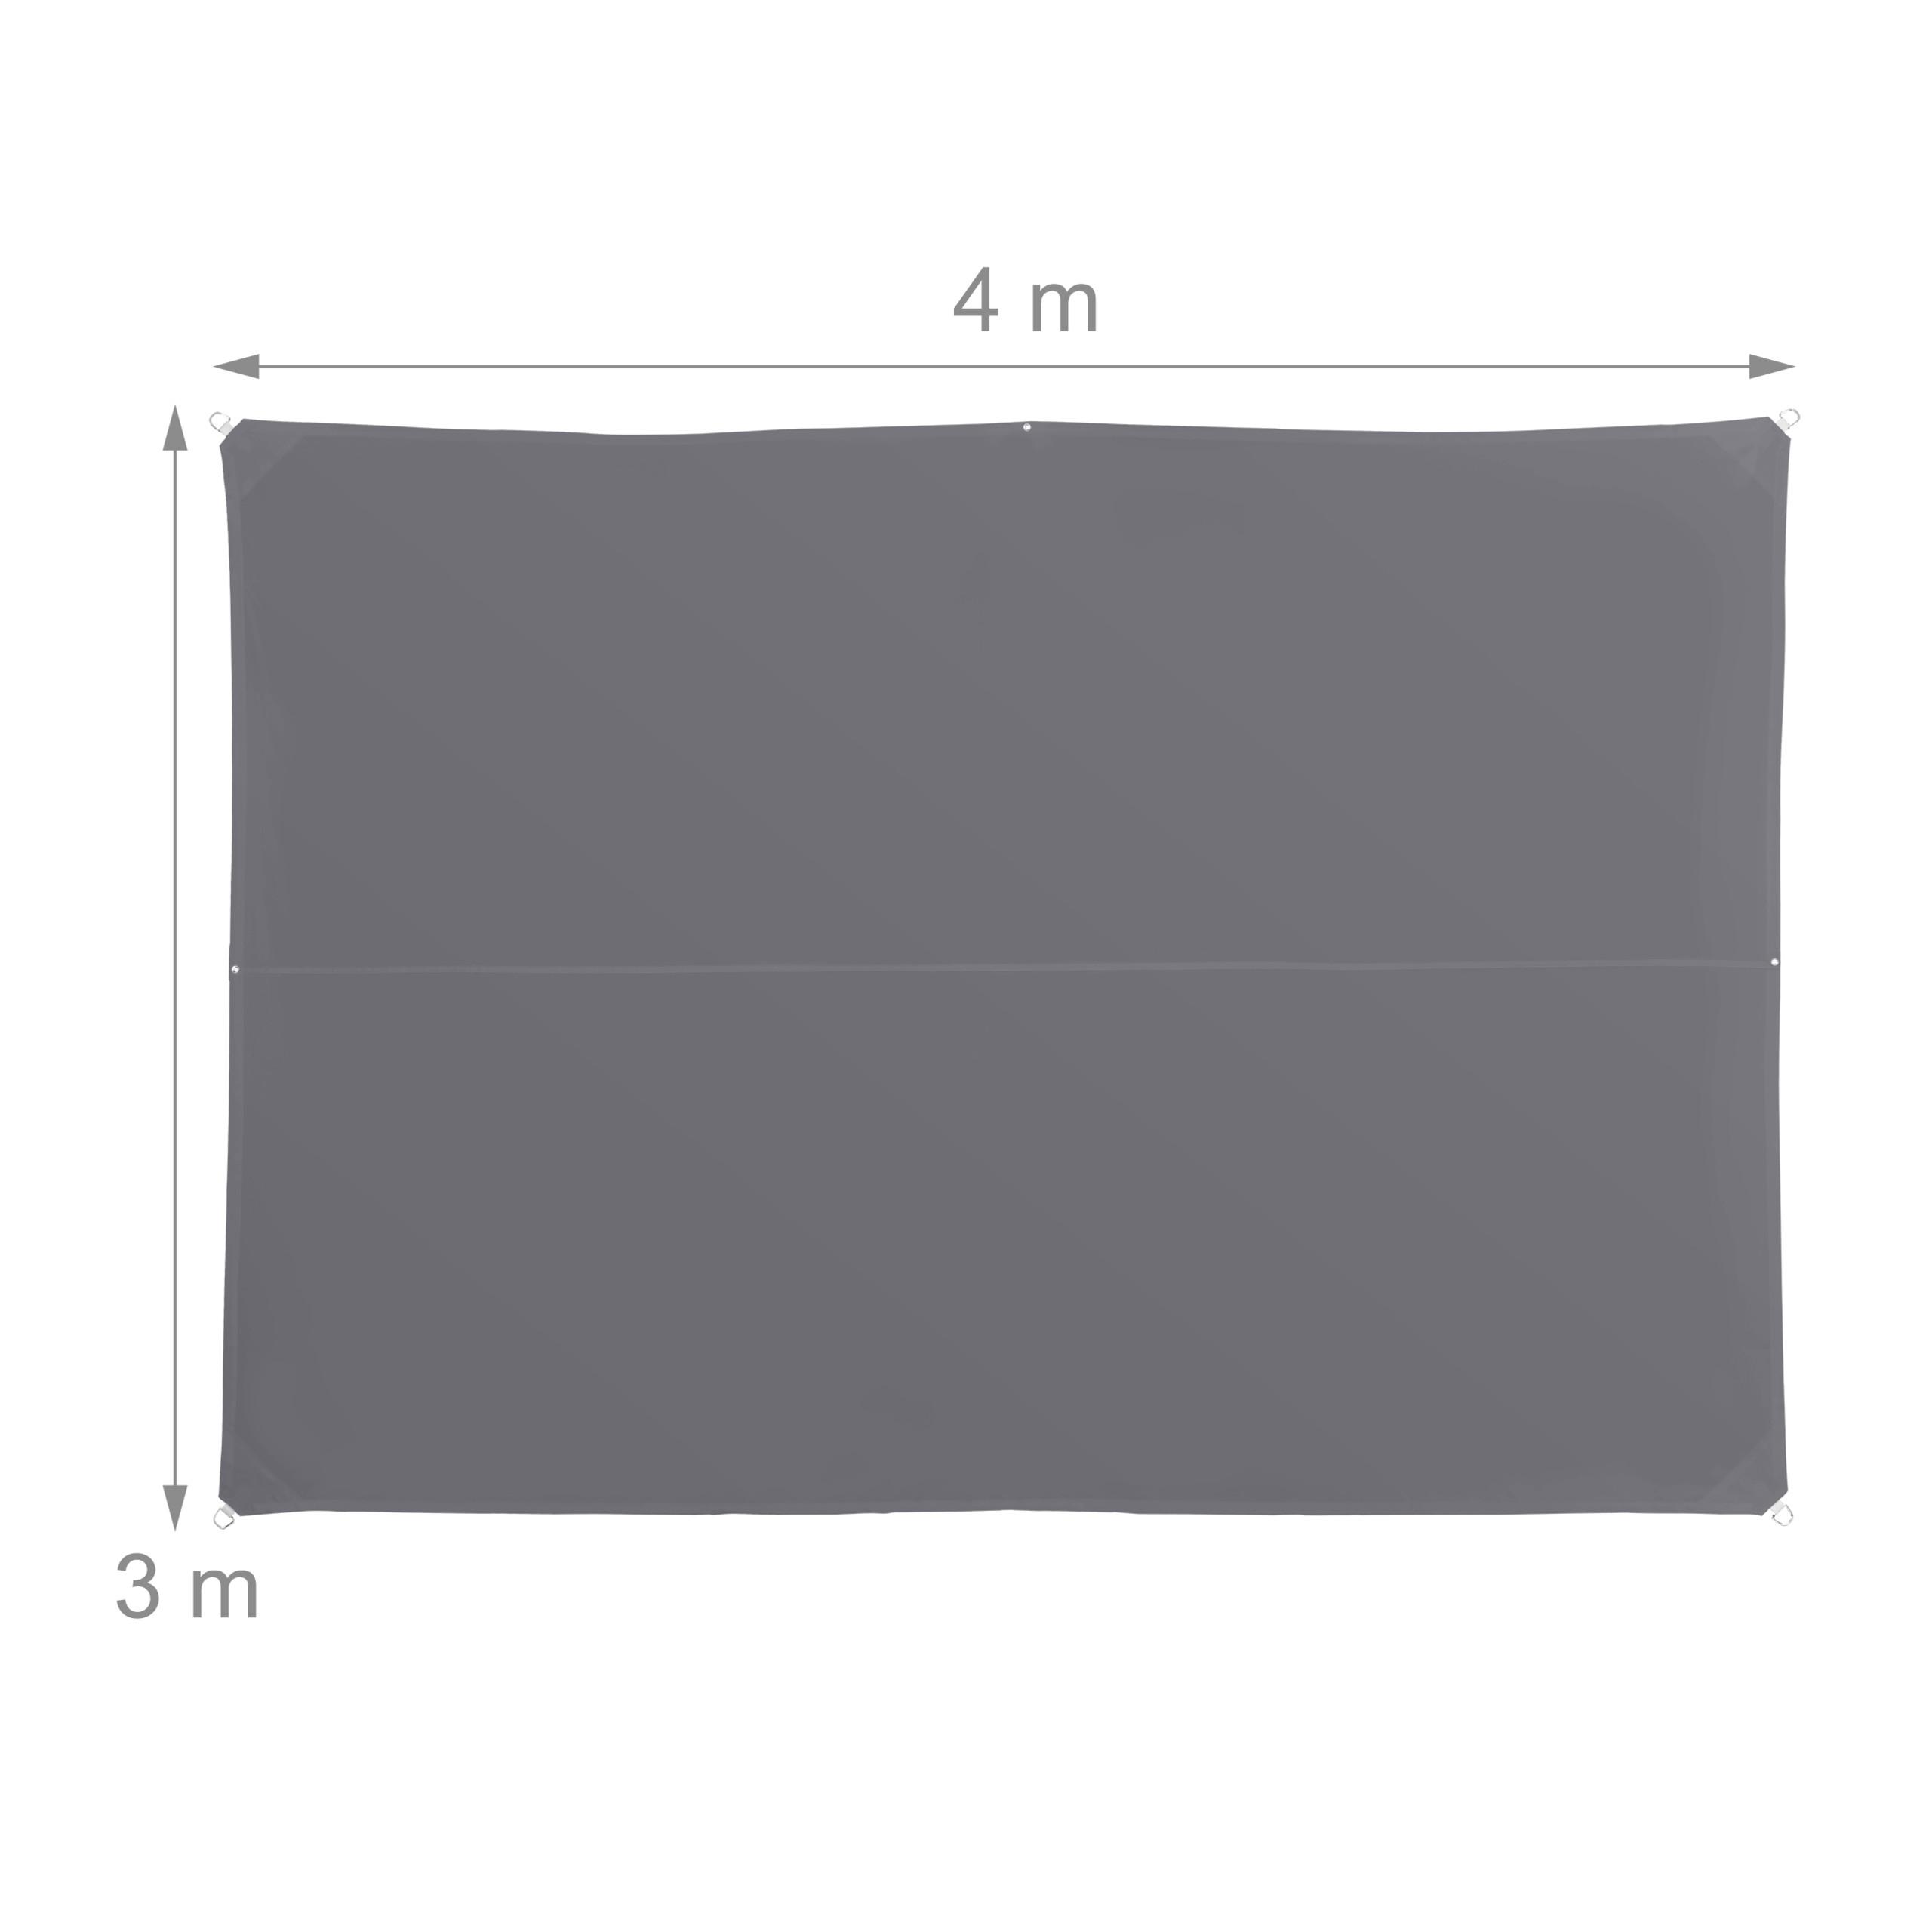 miniatura 29 - Tenda a vela rettangolare parasole ombreggiante idrorepellente anti UV grigia